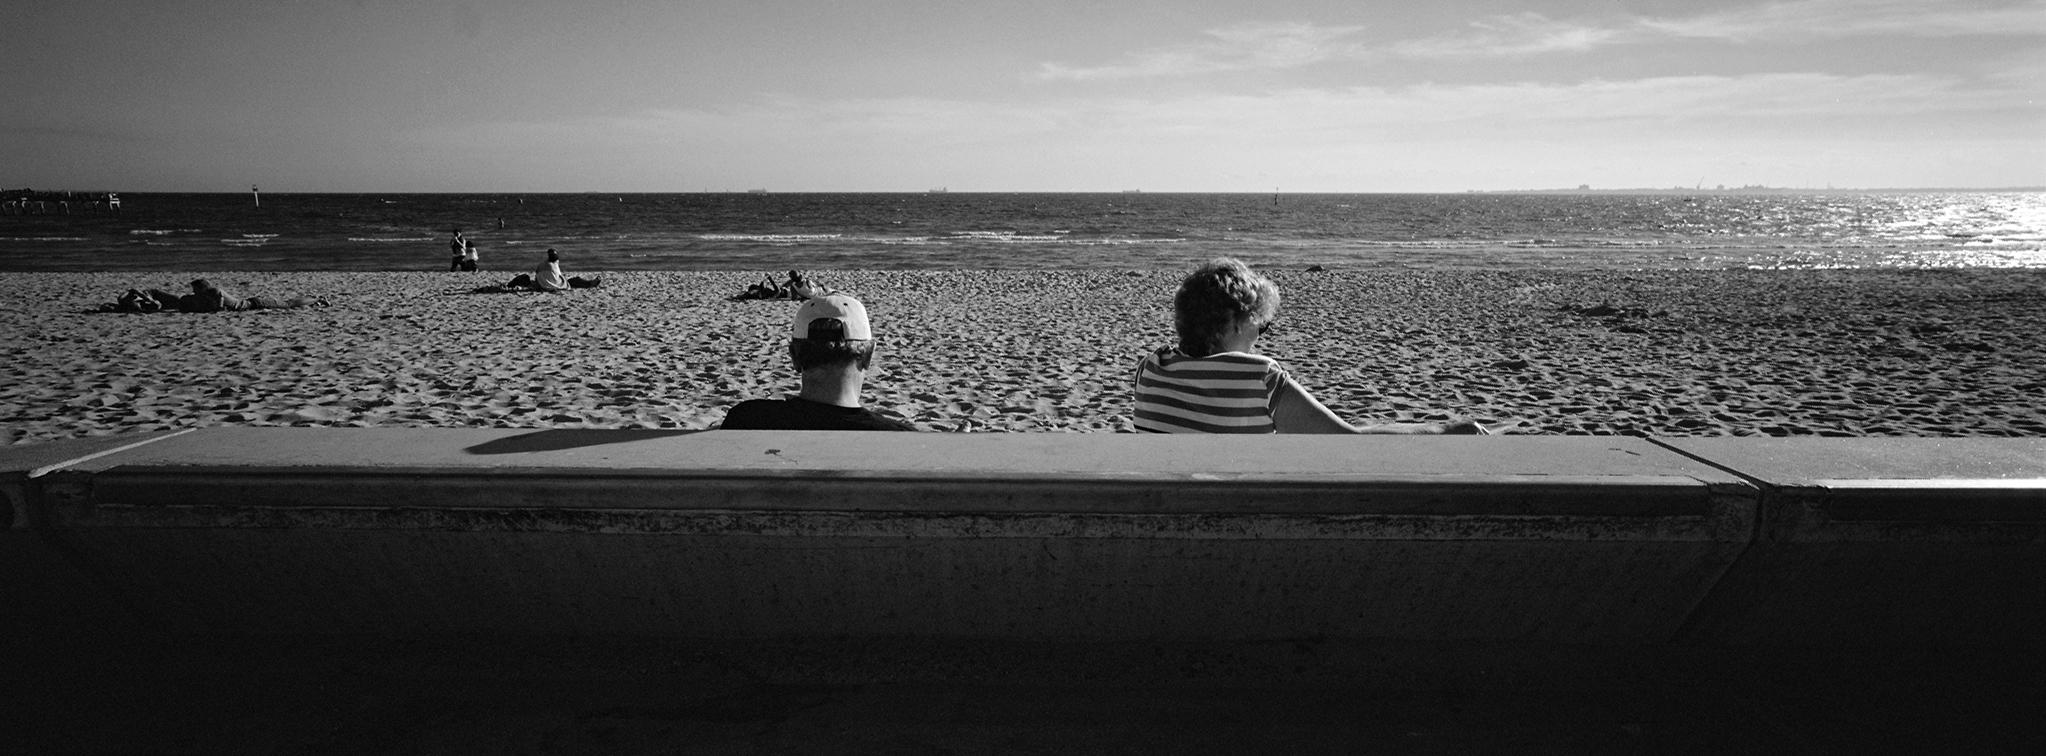 Beach ii